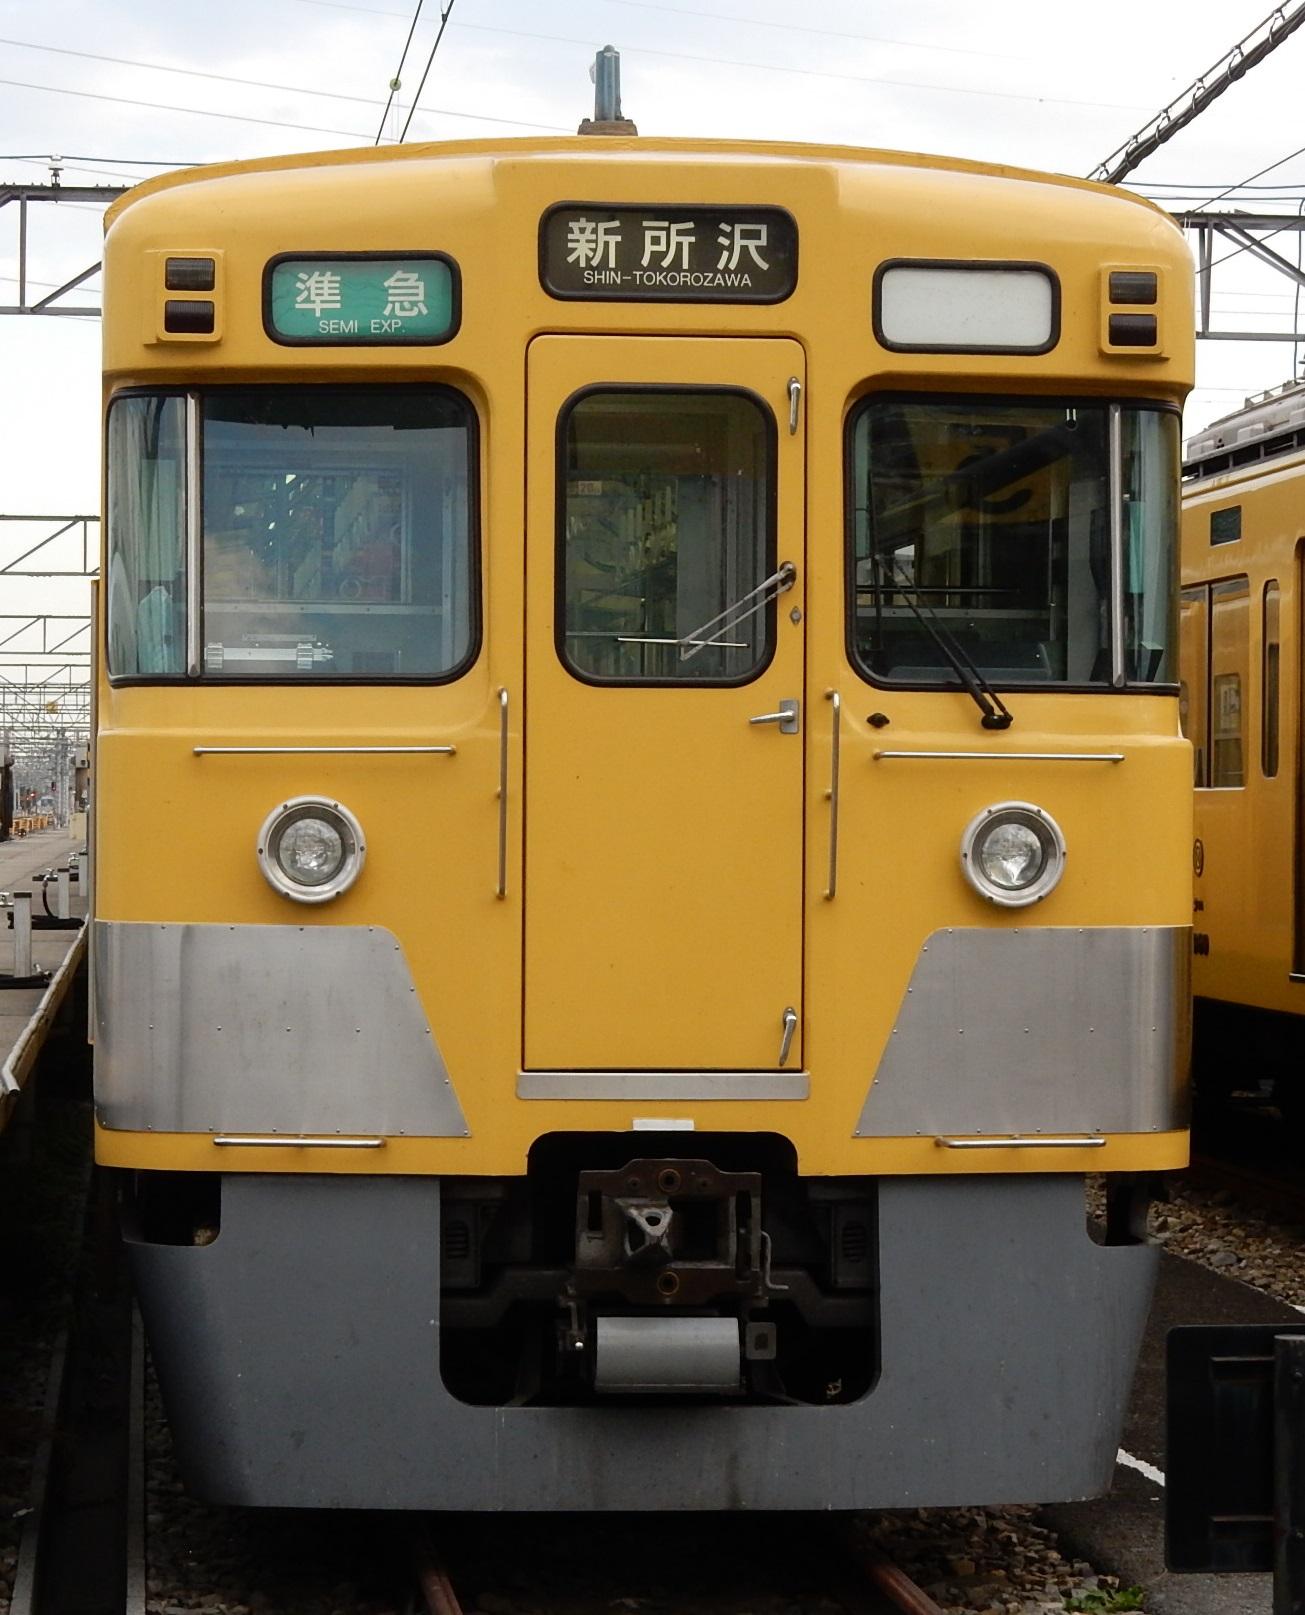 DSCN5817.jpg